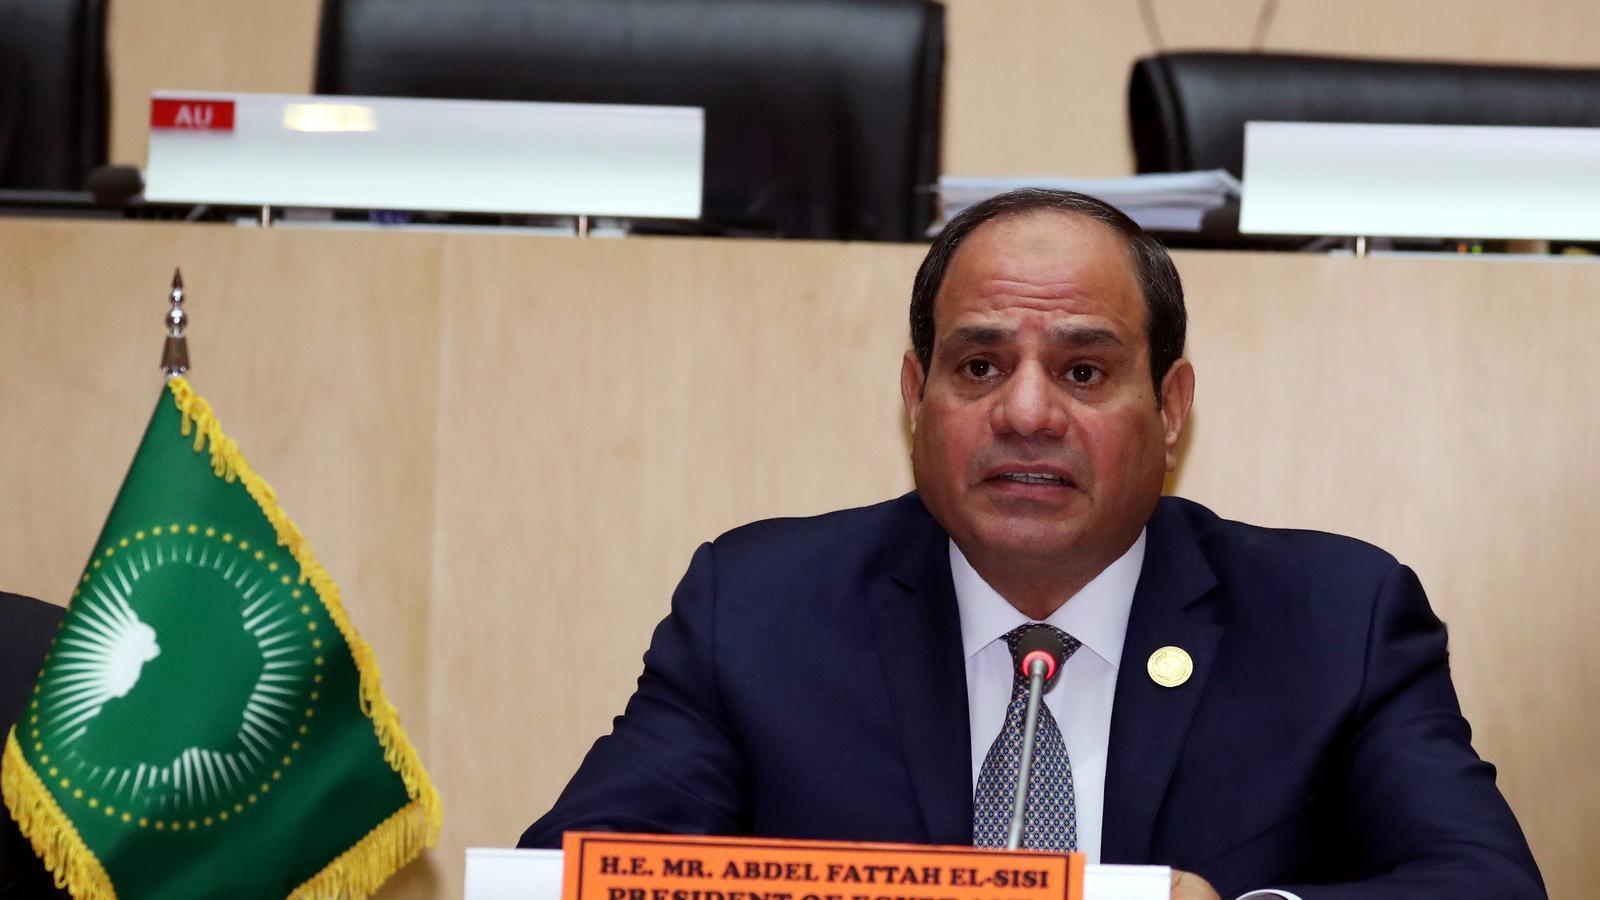 El Parlament egipci aprova una reforma que podria mantenir Al-Sissi al poder fins al 2034